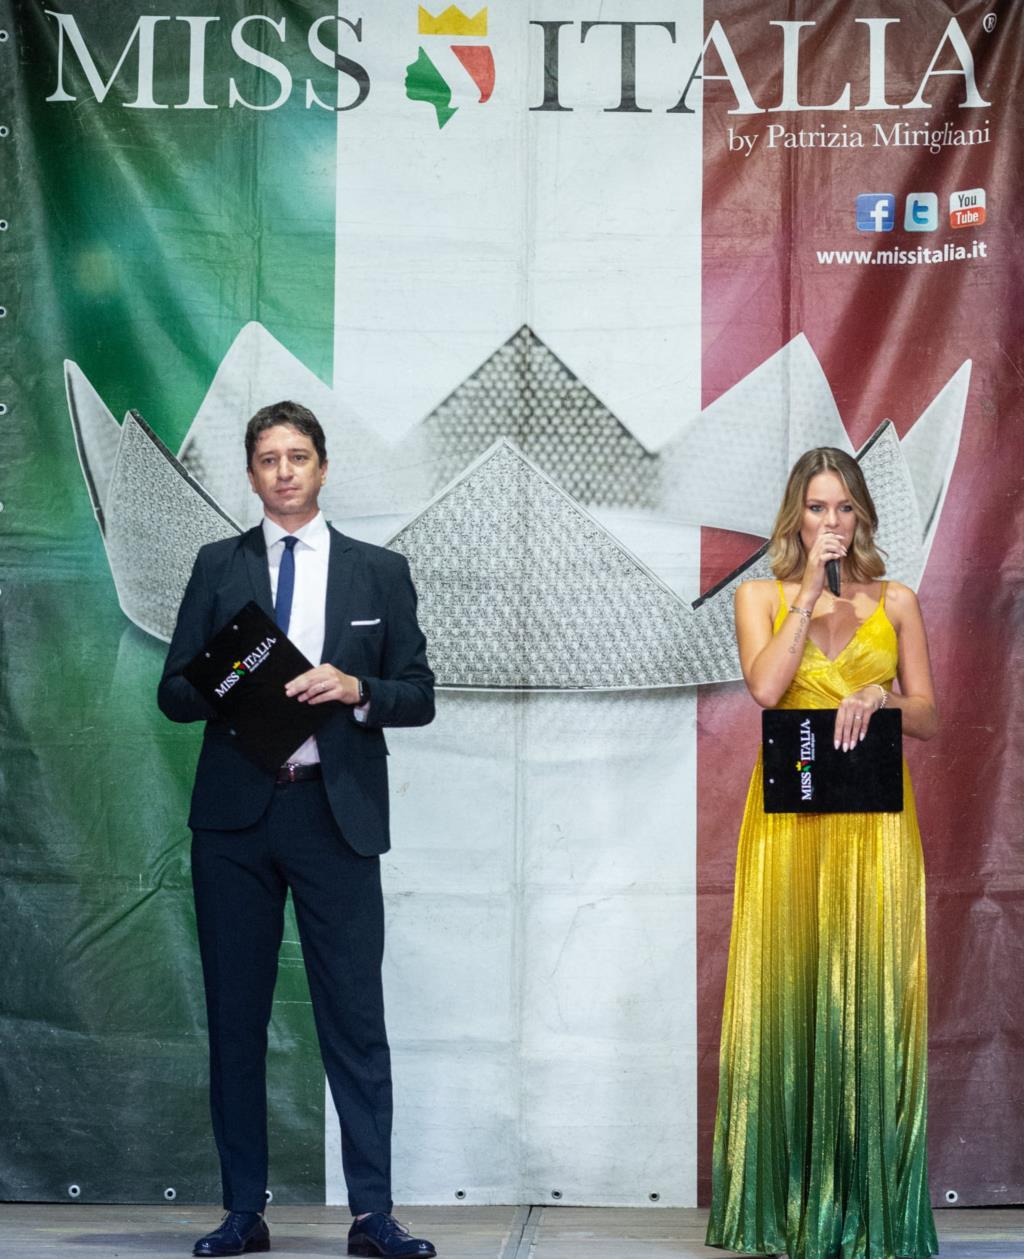 Riparte Miss Italia in Sicilia